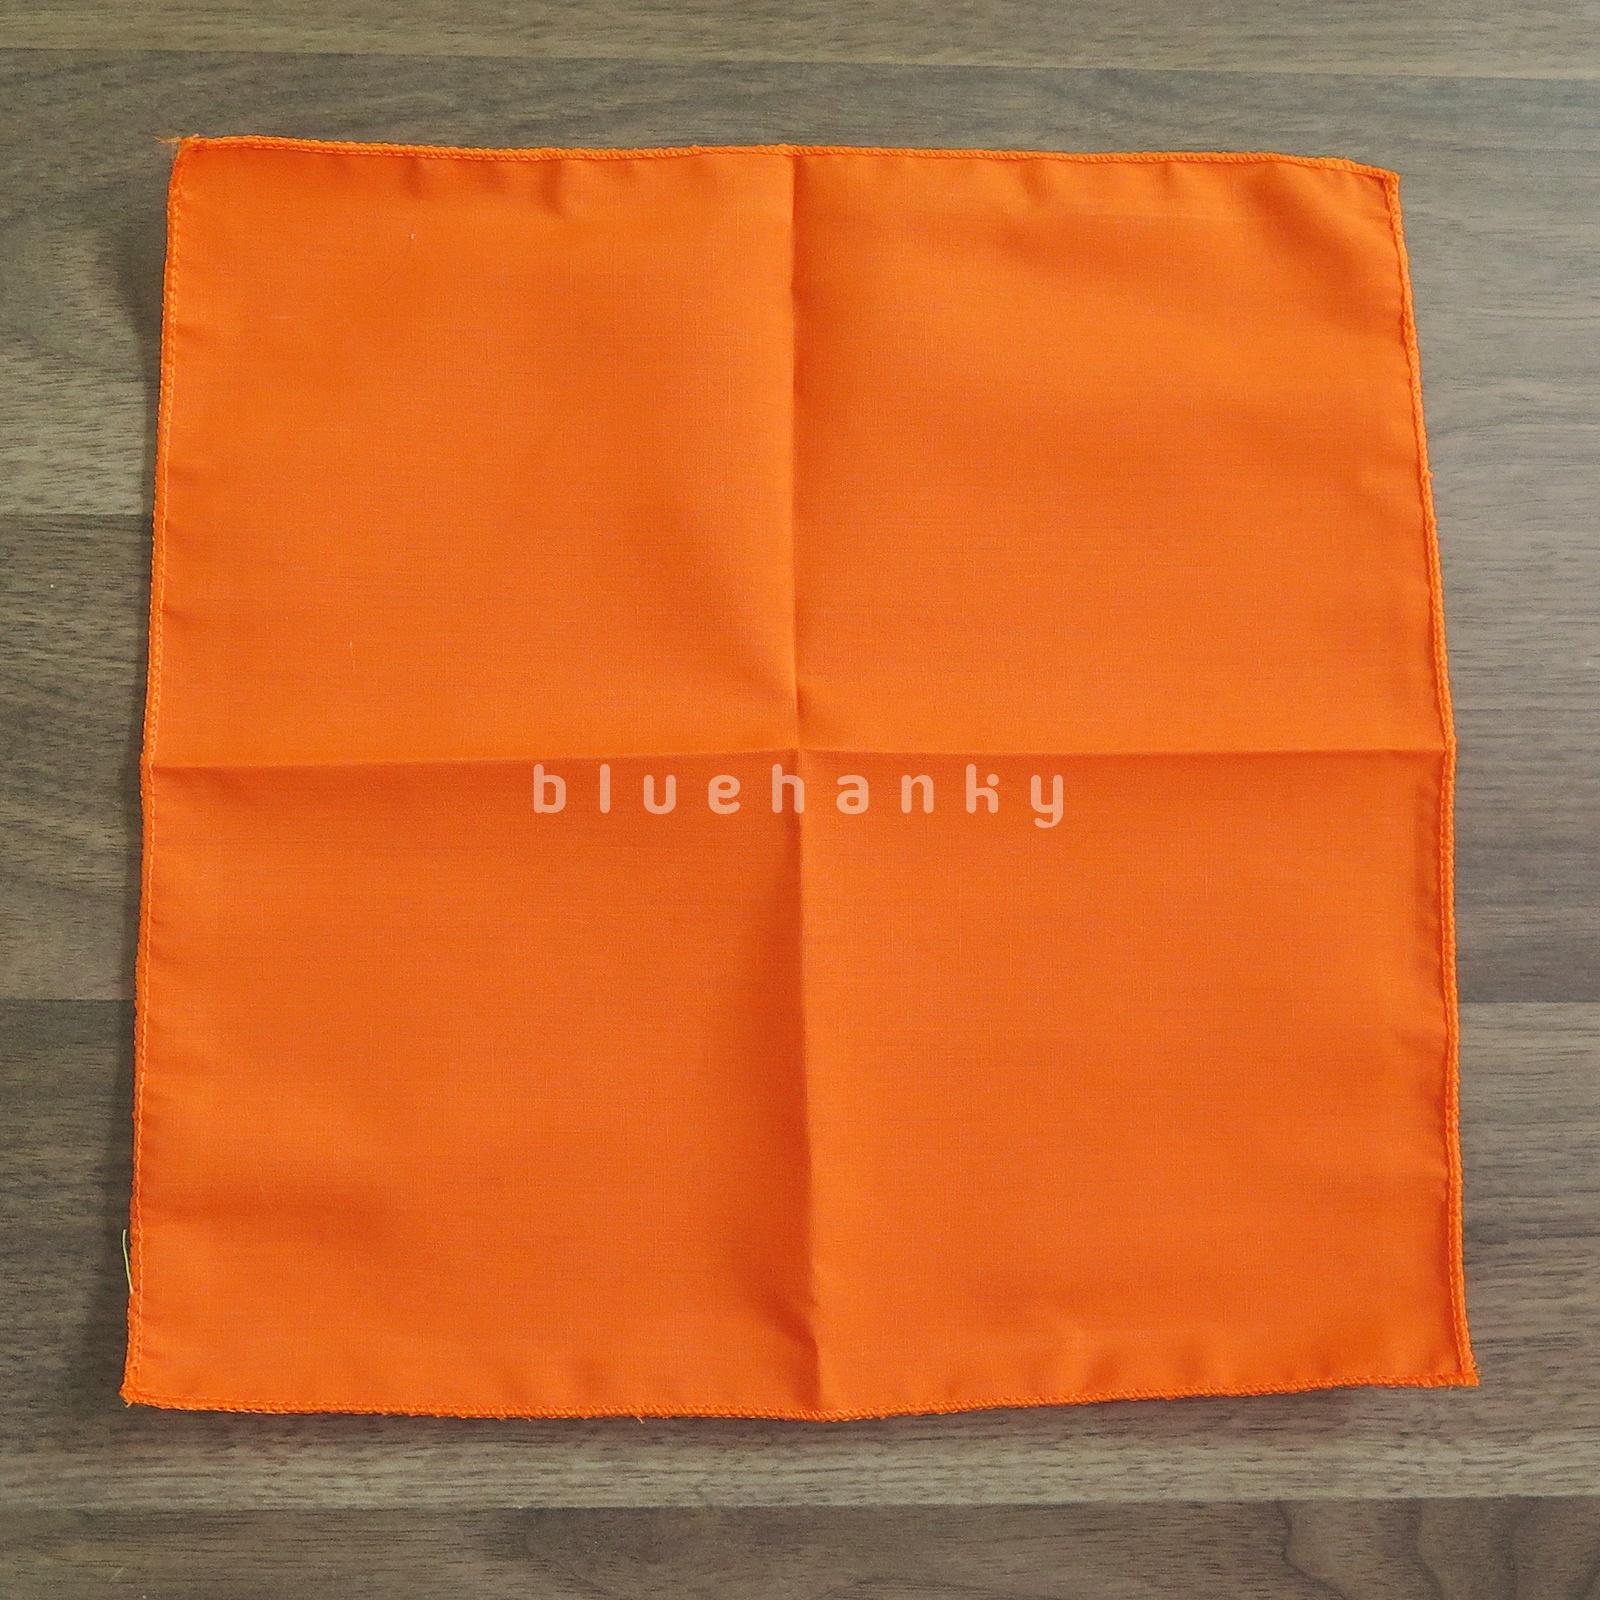 ผ้าเช็ดหน้าผืนเล็กสีพื้น 10นิ้ว แพค100ผืน